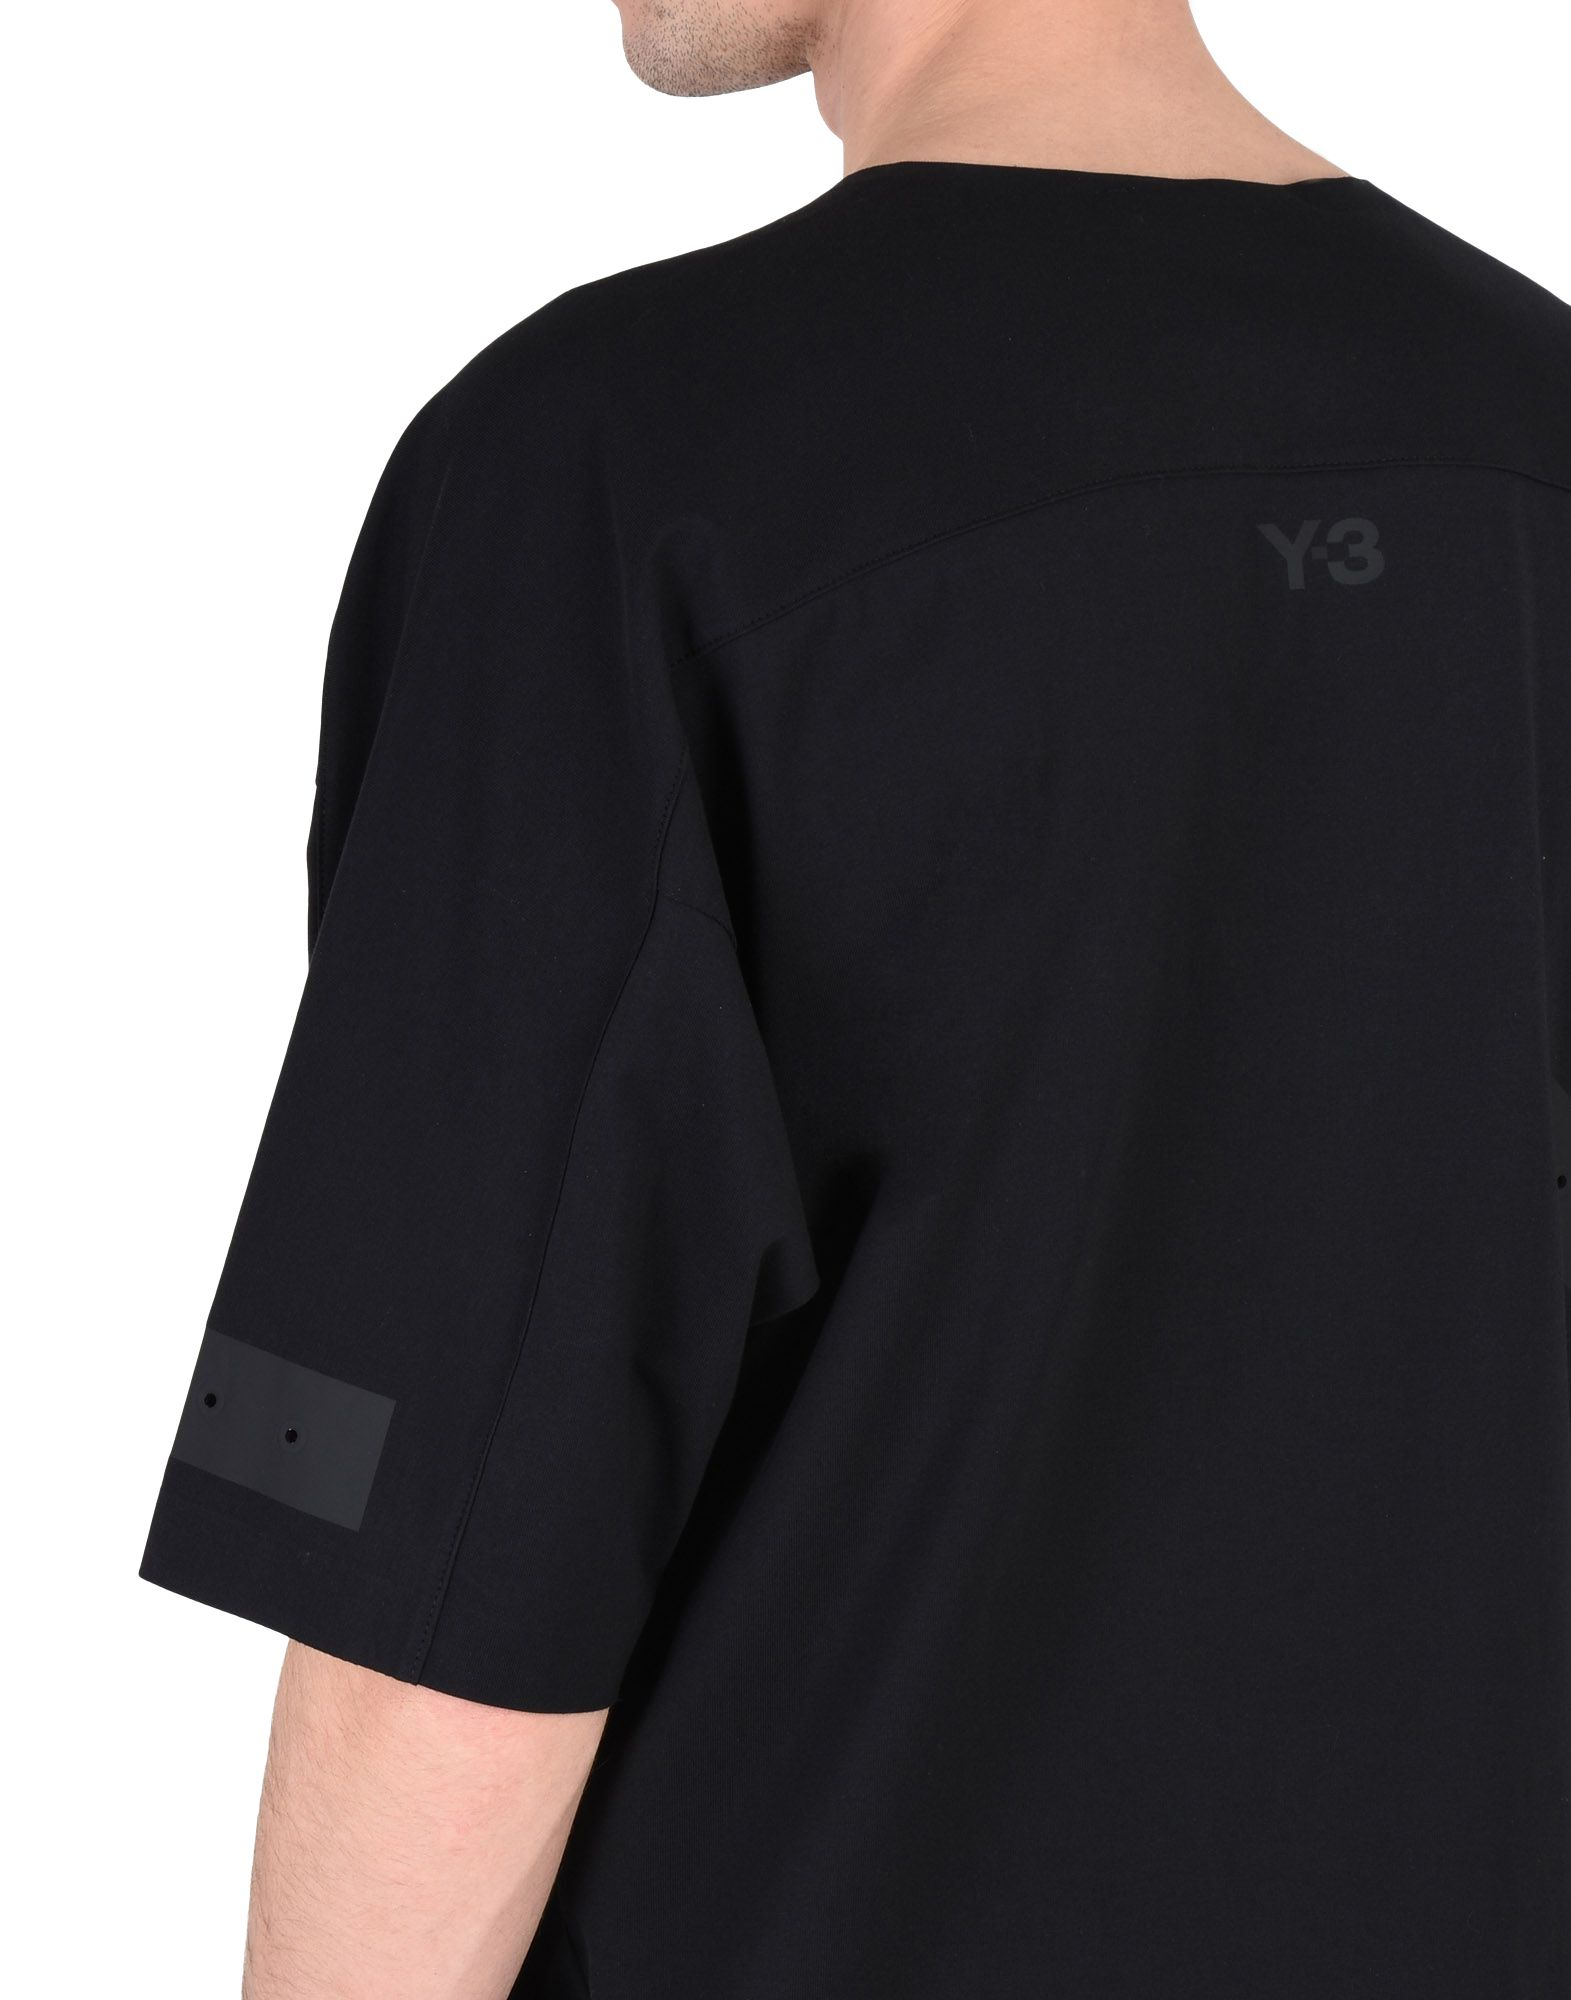 Y-3 SKYLIGHT TEE TEES & POLOS man Y-3 adidas